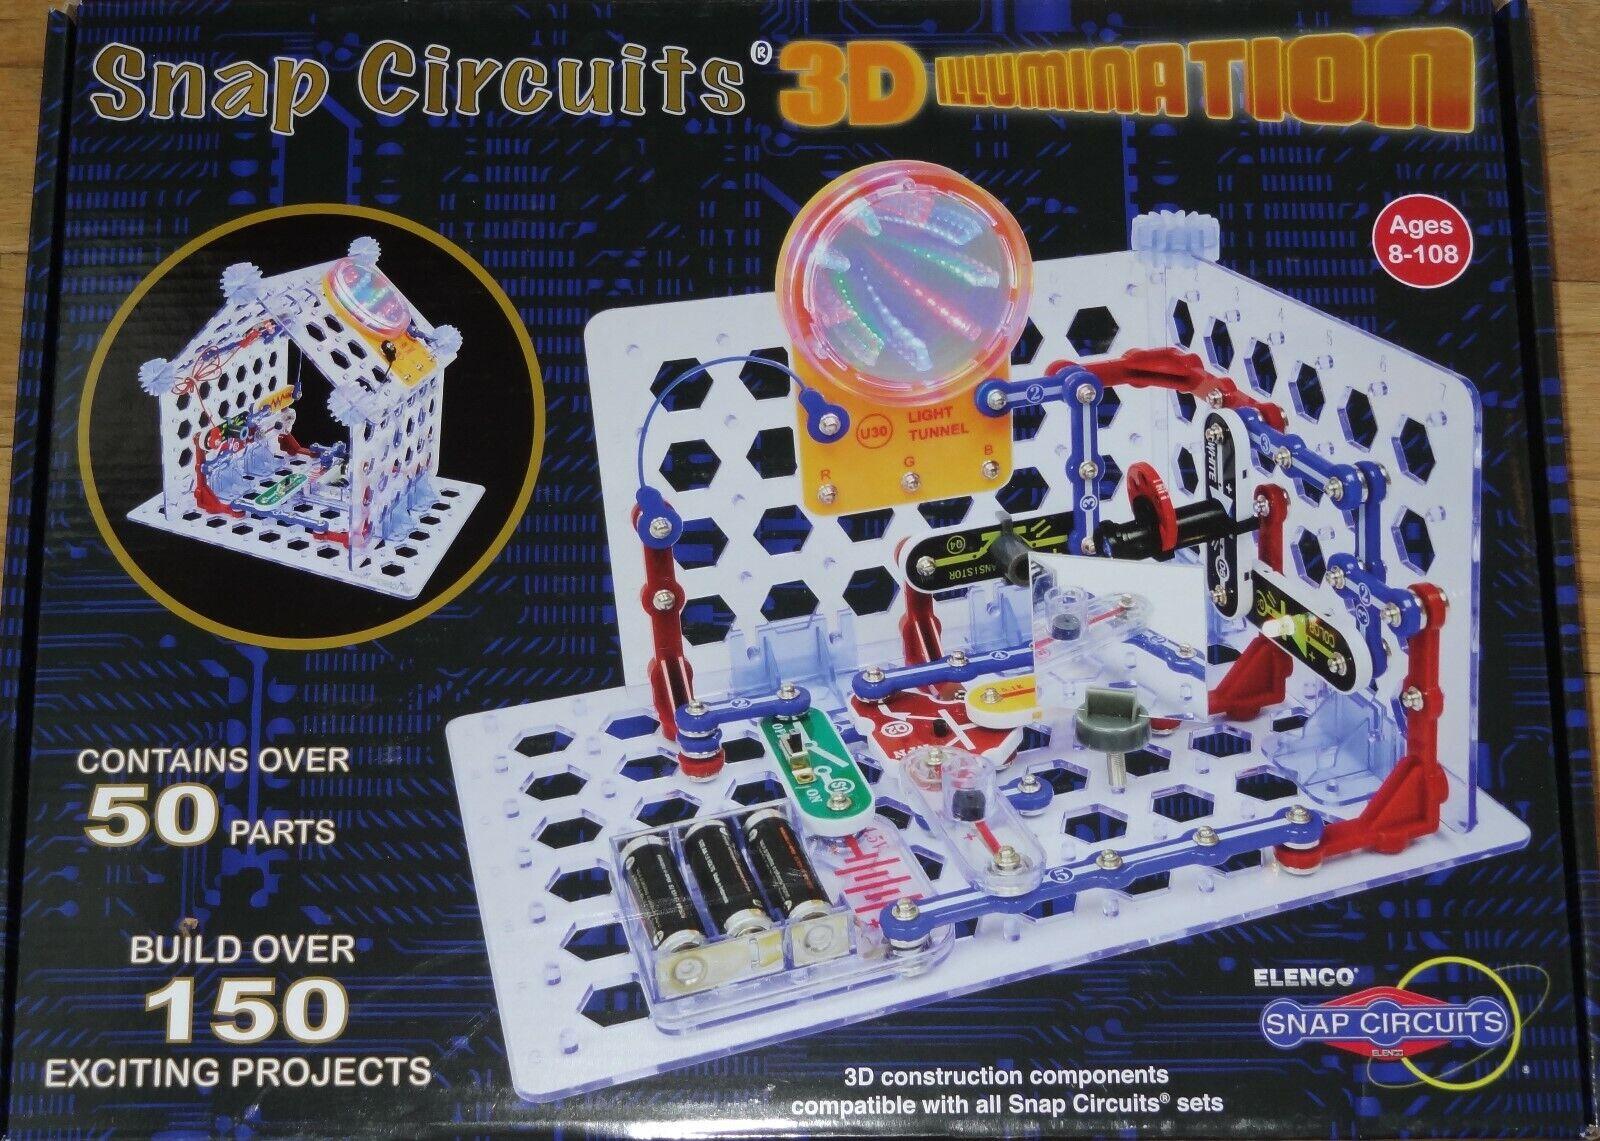 Todos los productos obtienen hasta un 34% de descuento. Snap Circuitos 3D 3D 3D iluminación electrónica Aprendizaje Diverdeido proect Kit lista SC3Di  Obtén lo ultimo